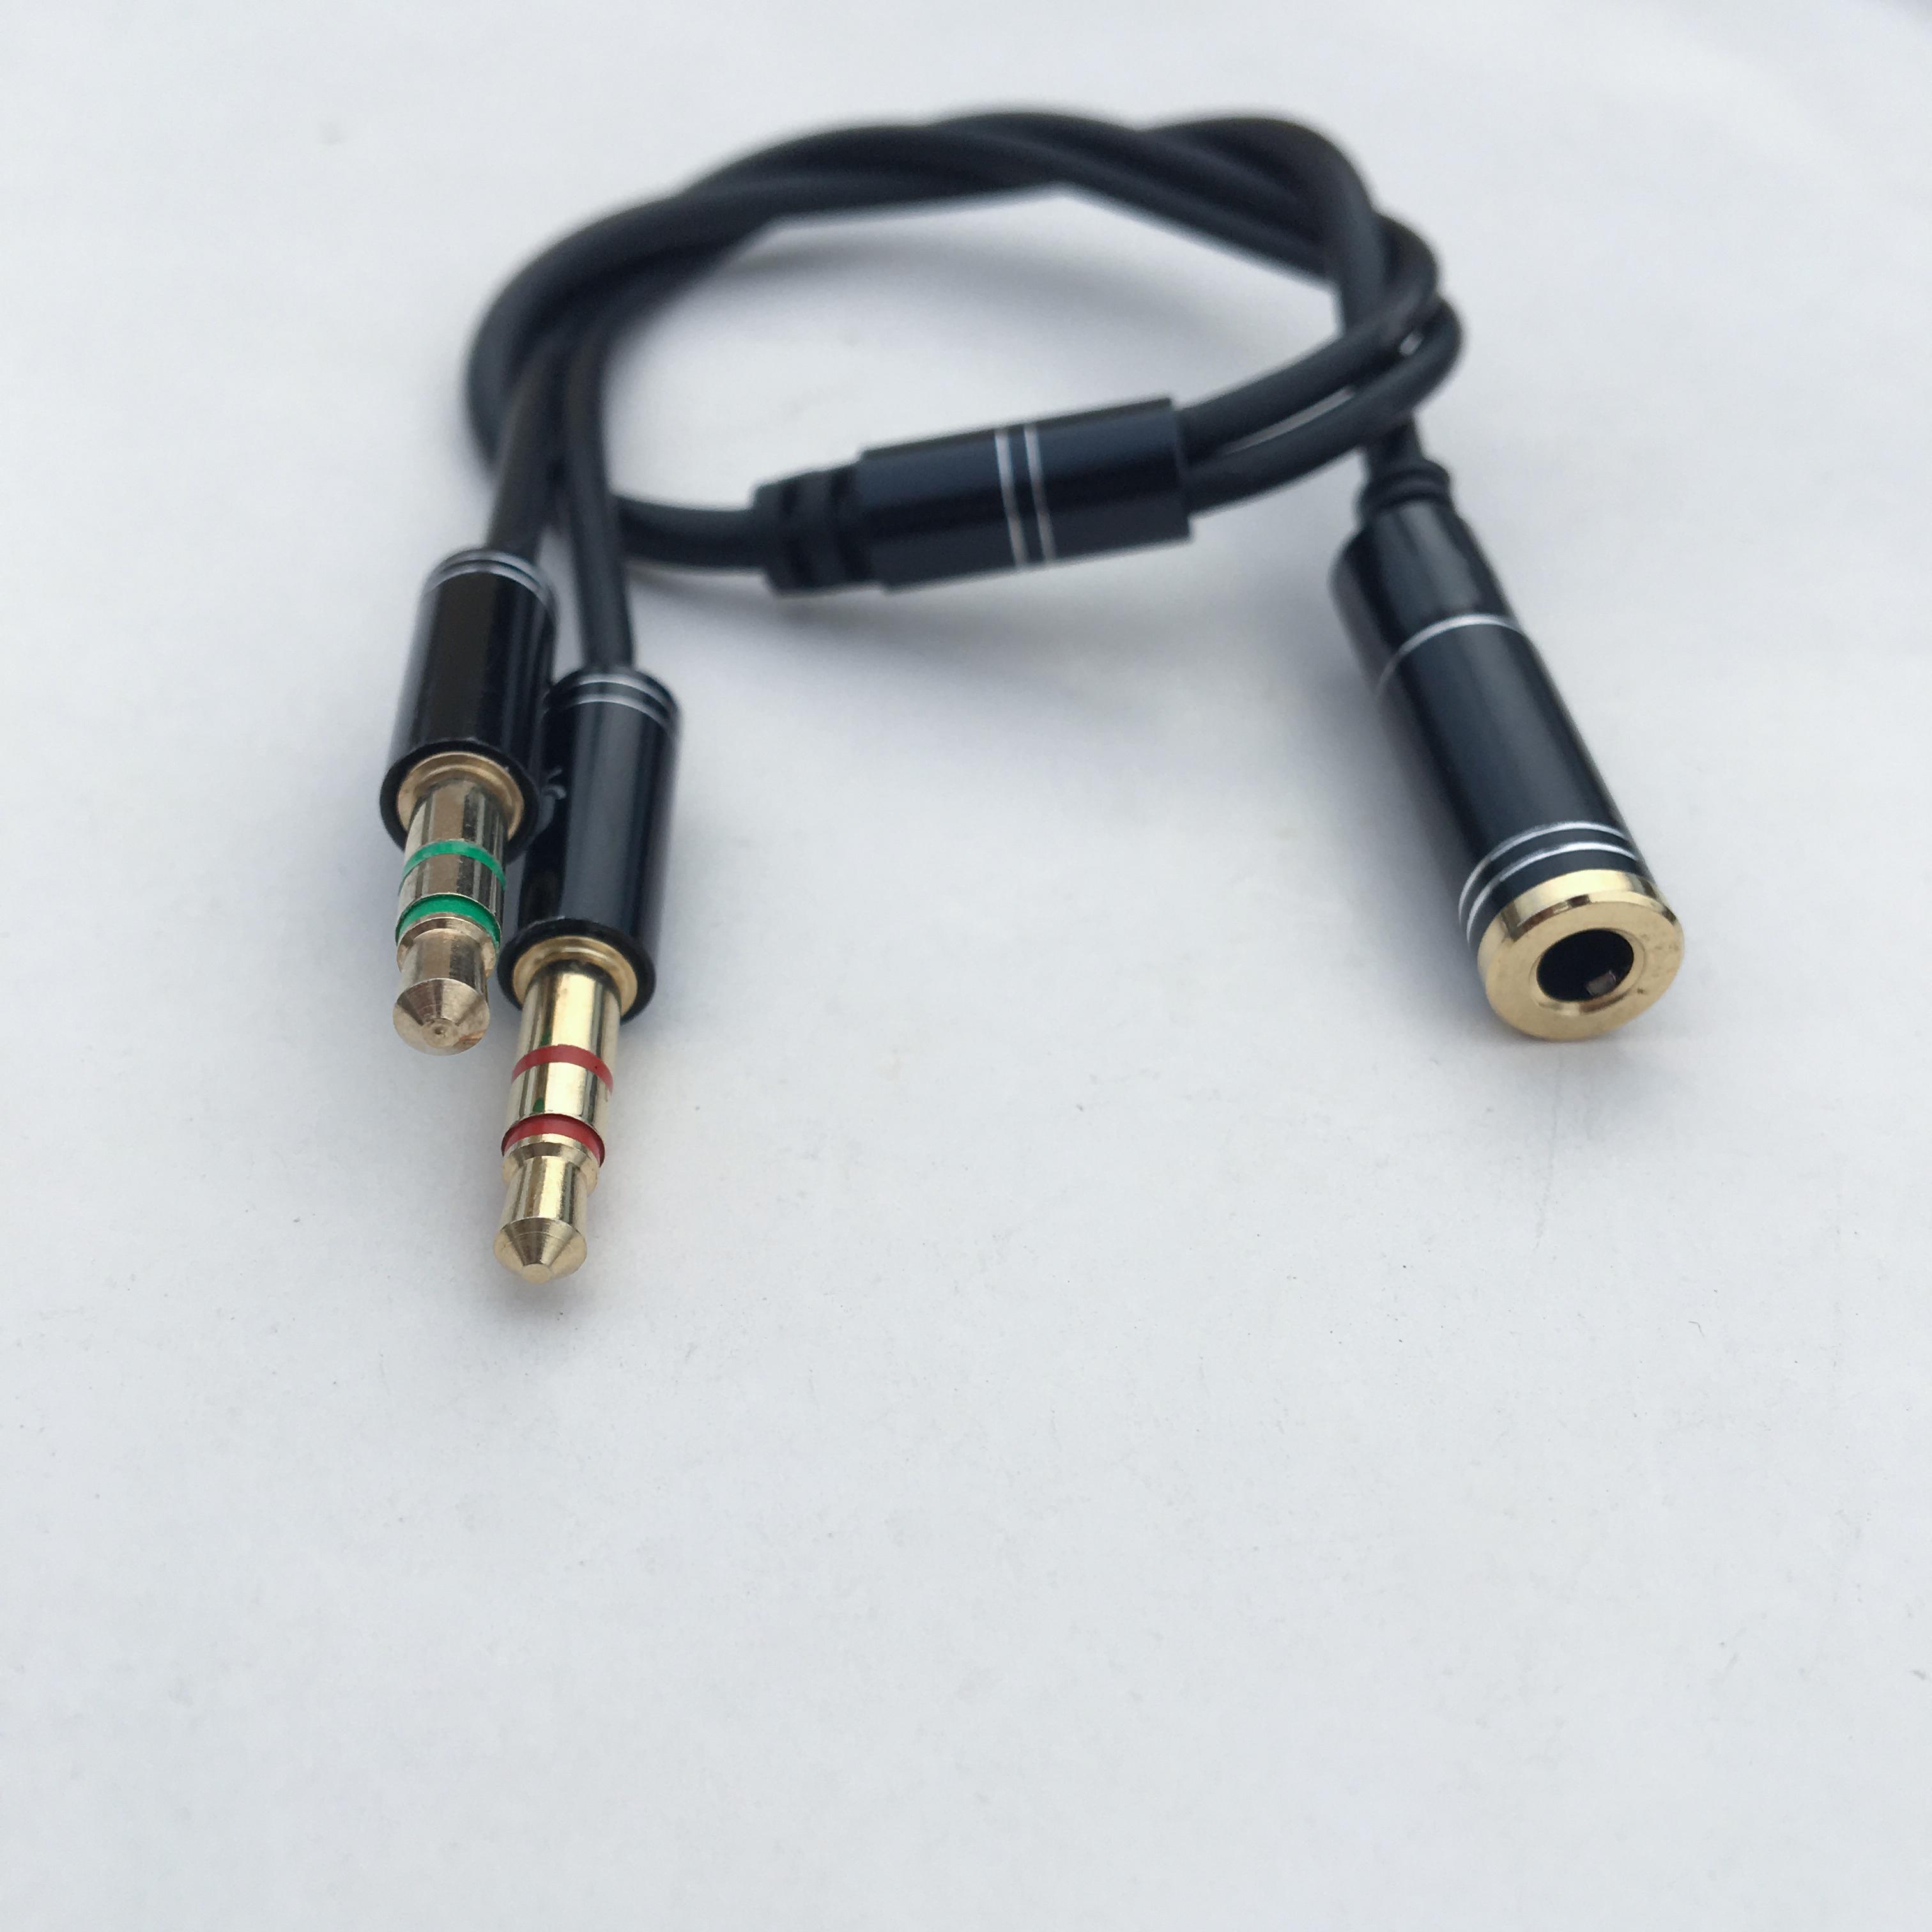 Cáp gộp Audio và mic ra 1 cổng 3.5mm